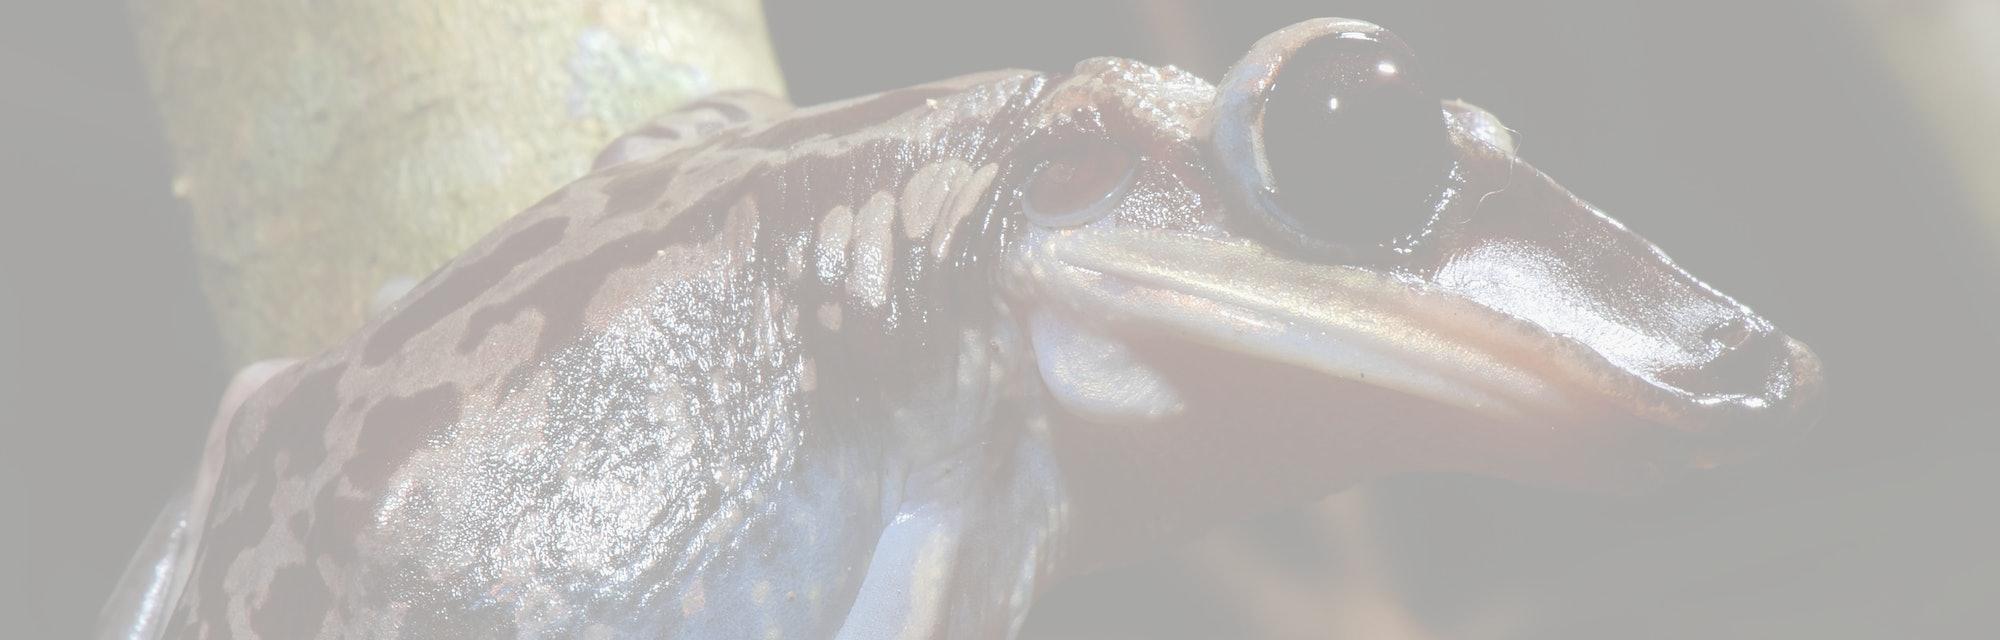 Bruno s Casque headed Frog photographed in Guarapari, Espirito Santo. Southeast of Brazil. Atlantic Forest Biome. Picture made in 2007.